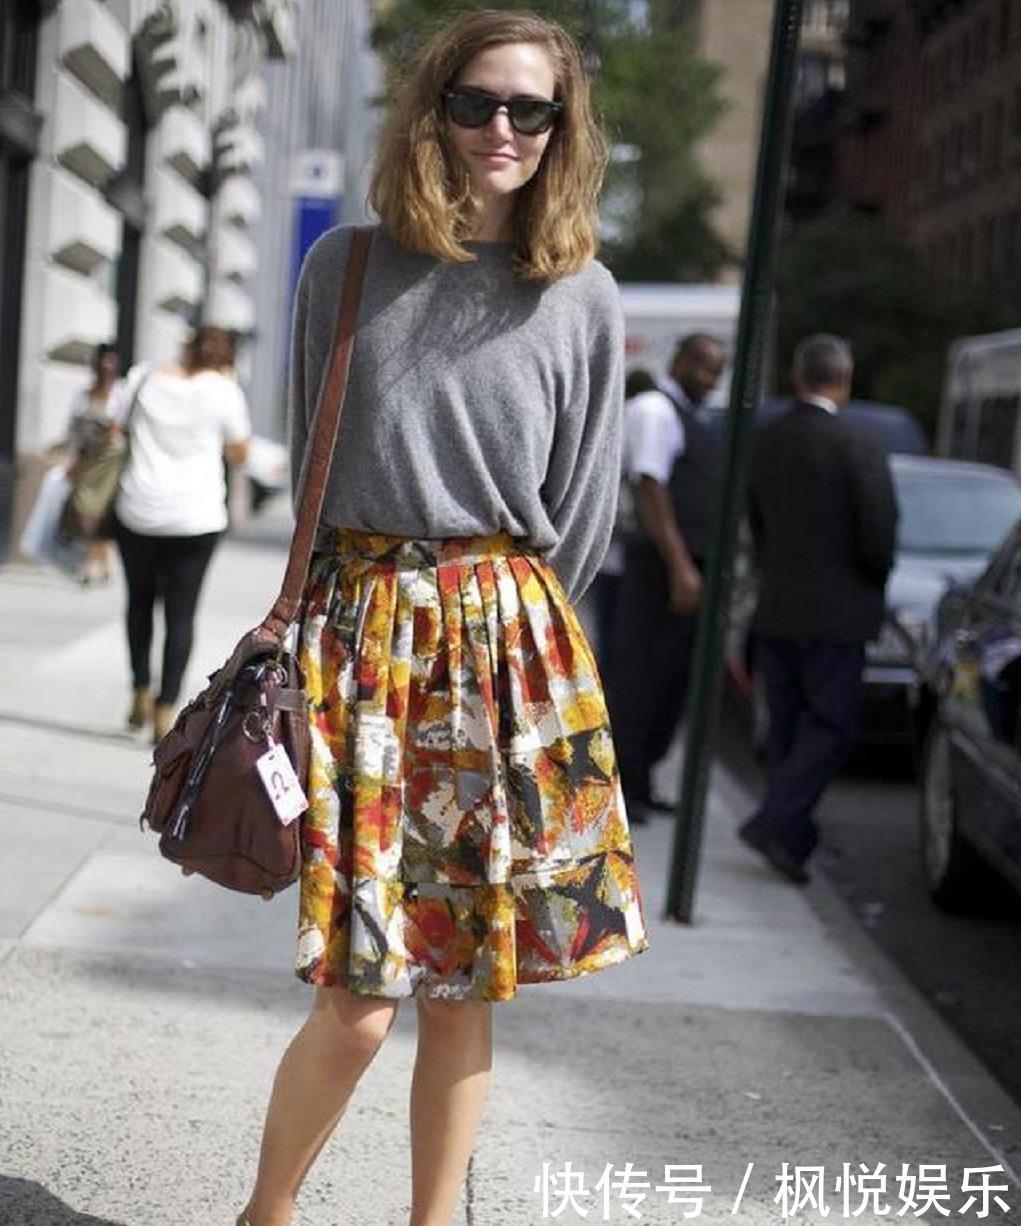 """『小腿』身高不足160的女生,这3个""""长度""""的裙子尽量别穿,会矮上加矮哦"""